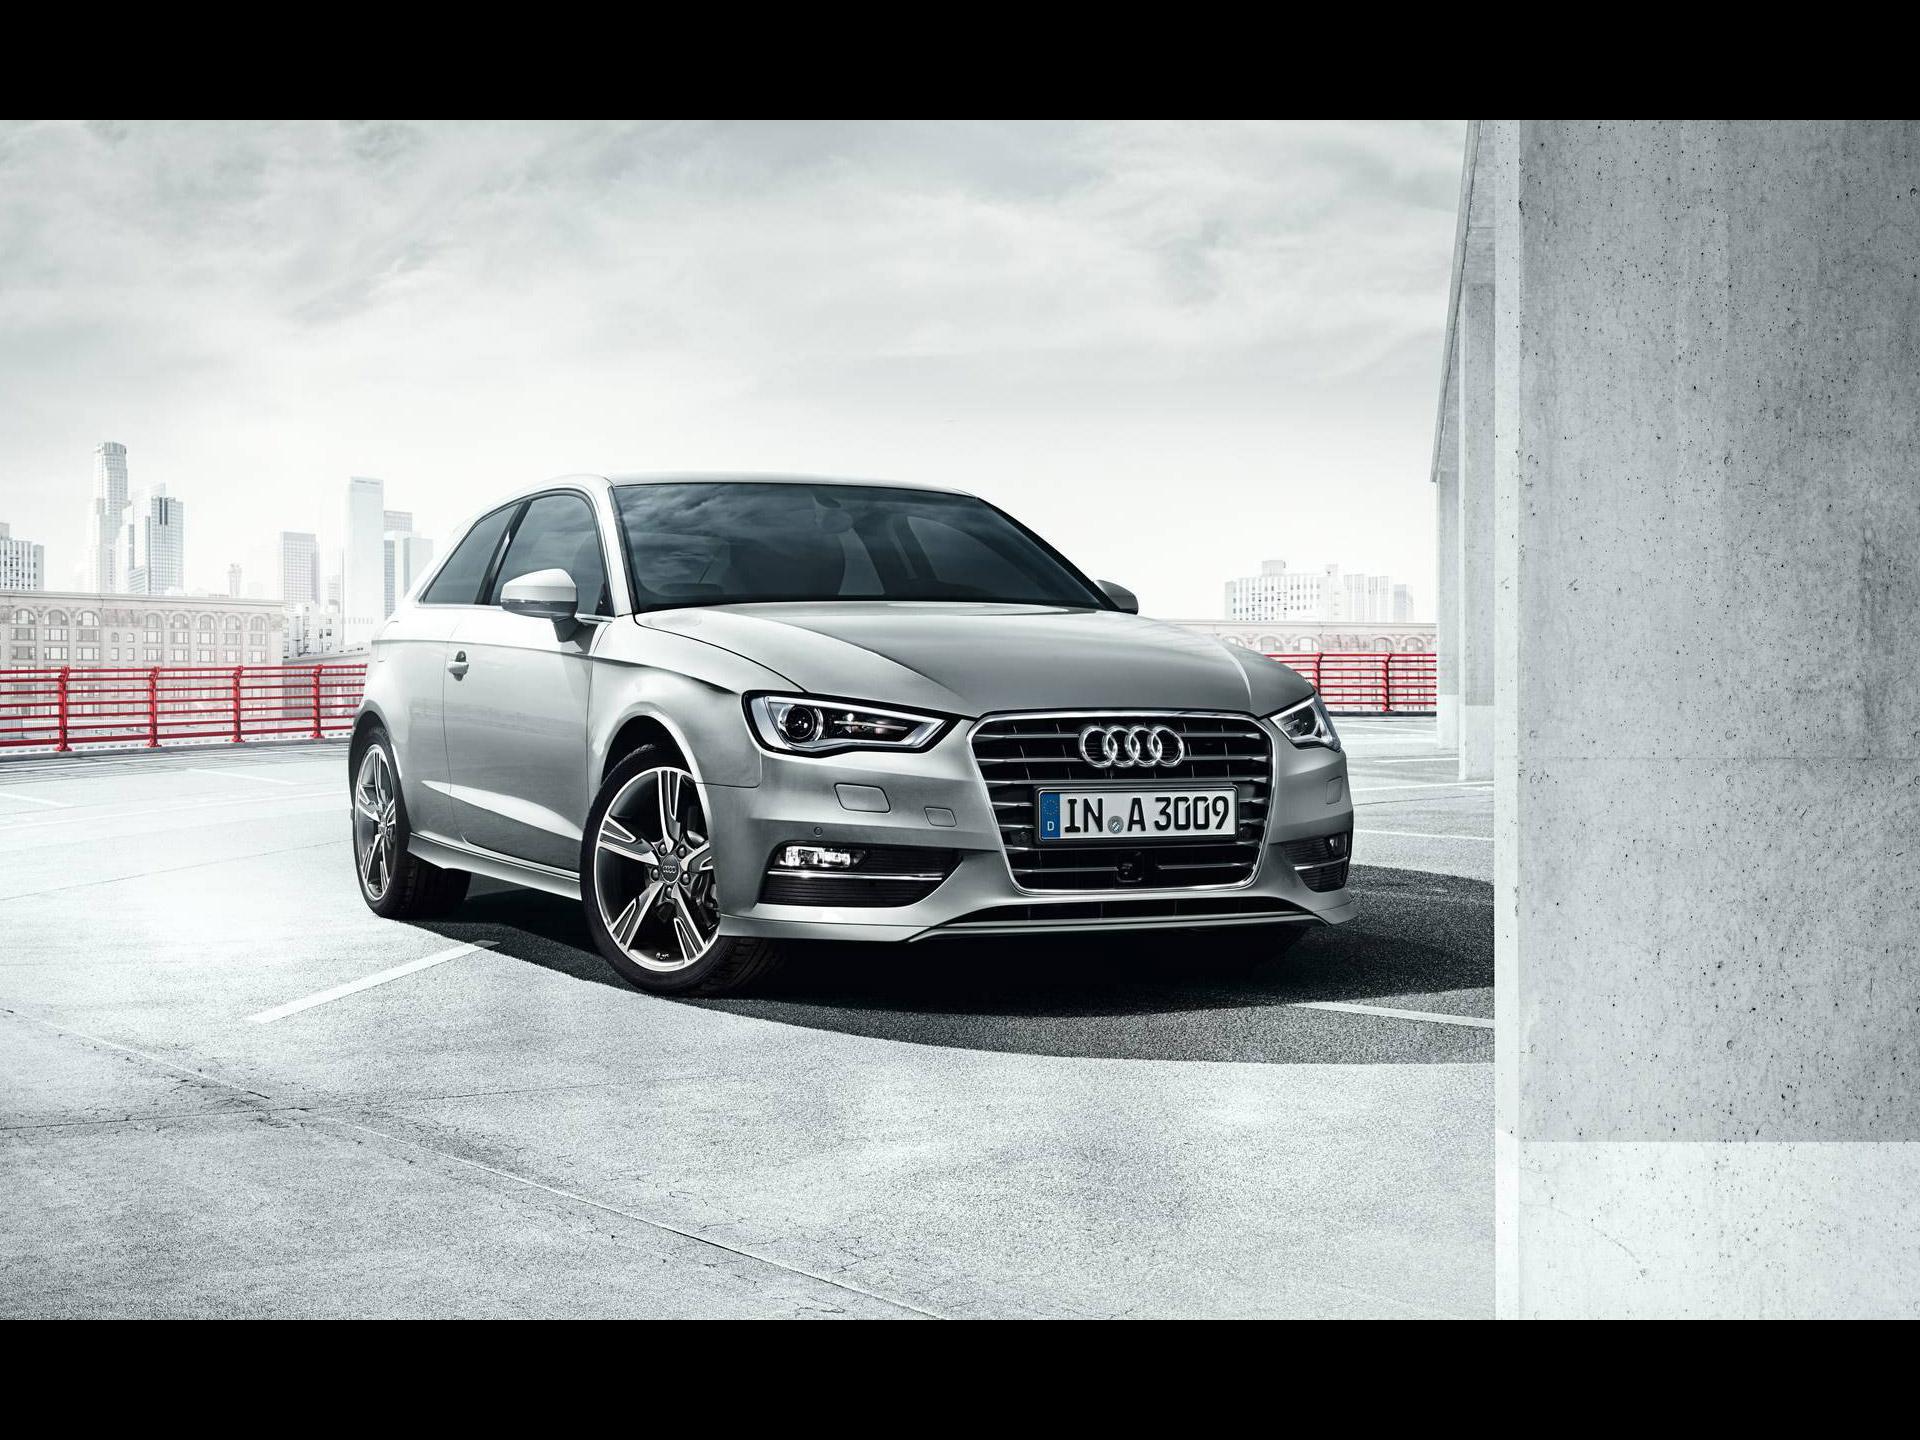 Audi A3 2015 アウディに嵌まる 壁紙画像ブログ